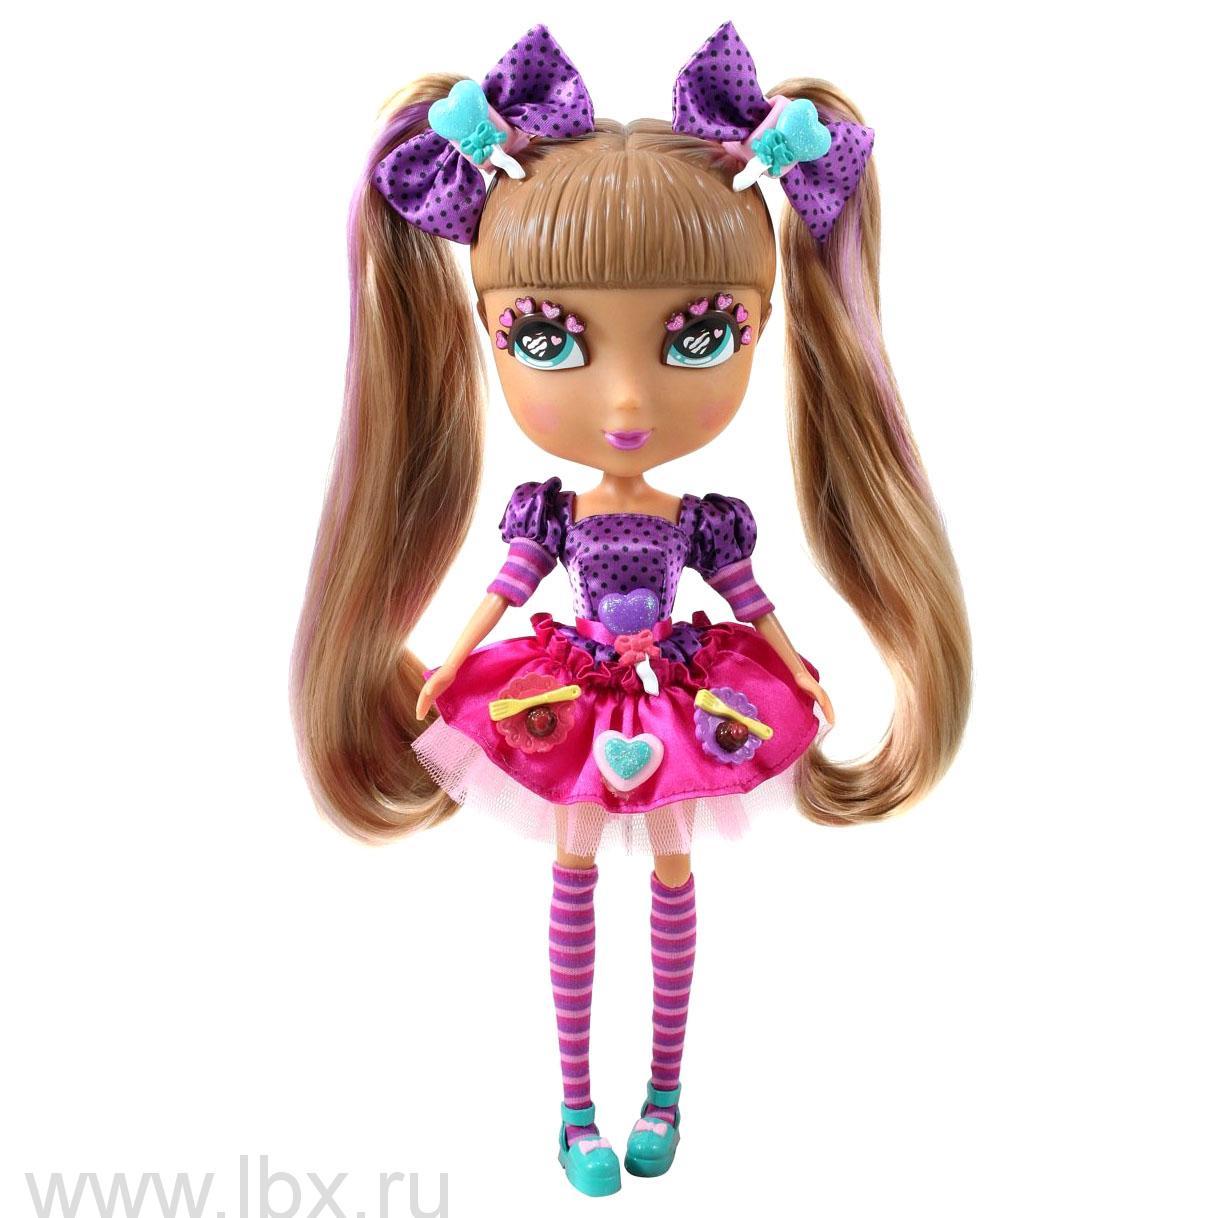 Кукла Кармель Кьюти Попс Делюкс Jada Toys (Яда тойз)